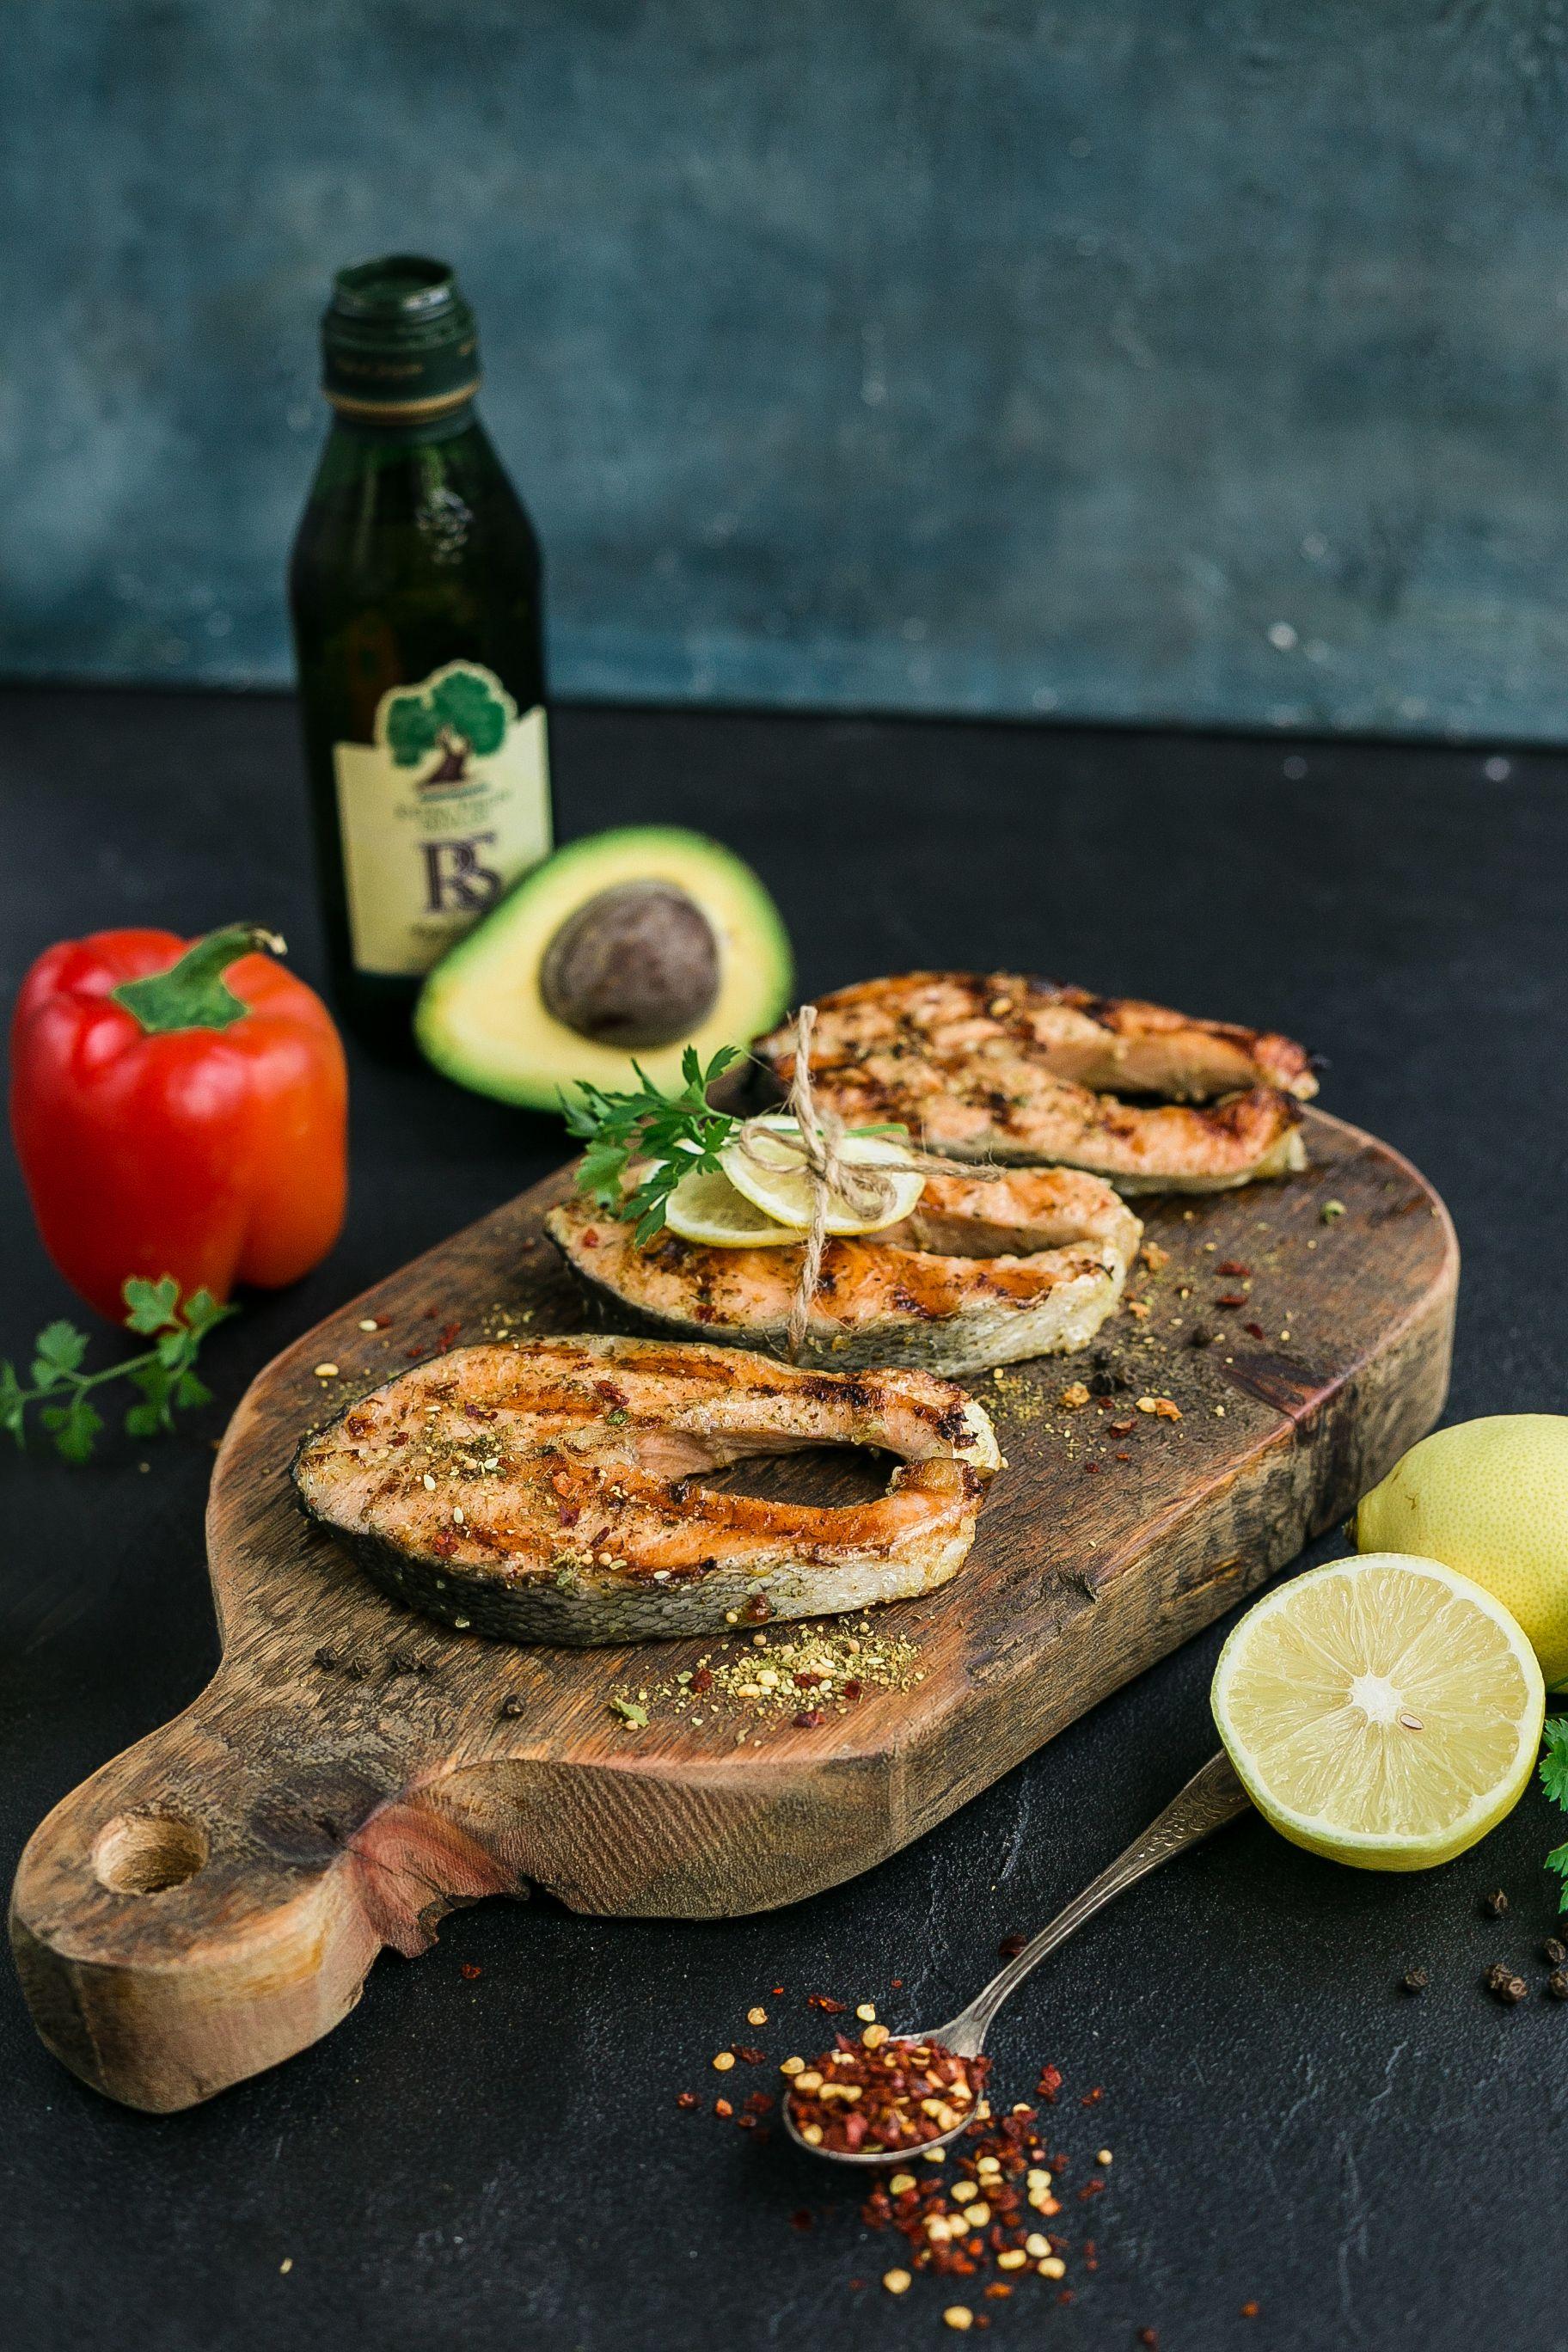 Еда,рыба,фото еды,food, fish | Еда, Блюдо итальянской ...